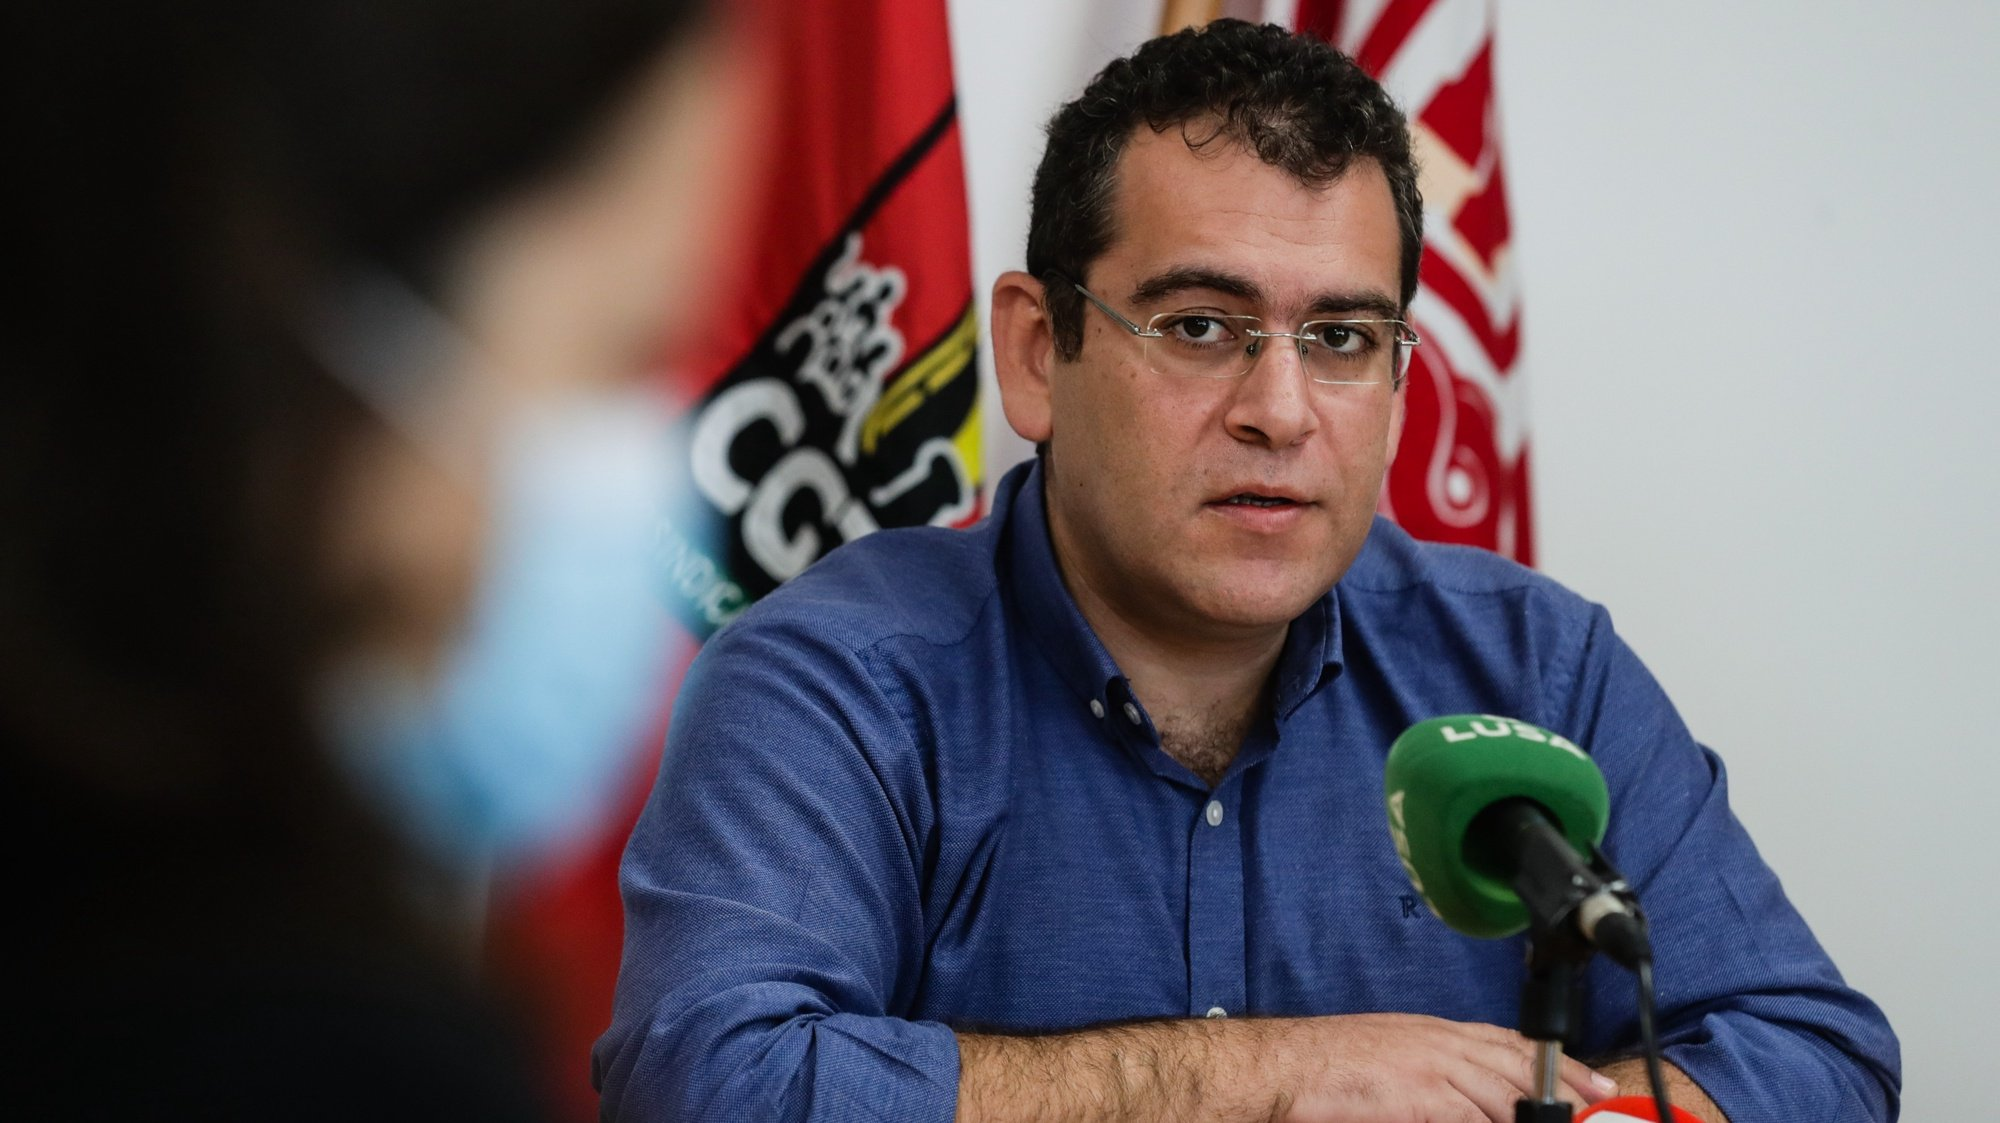 O coordenador da Frente Comum de Sindicatos da Administração Pública, Sebastião Santana, participa na conferência de imprensa da Frente Comum, na sede em Lisboa, 26 de outubro de 2020. TIAGO PETINGA/LUSA